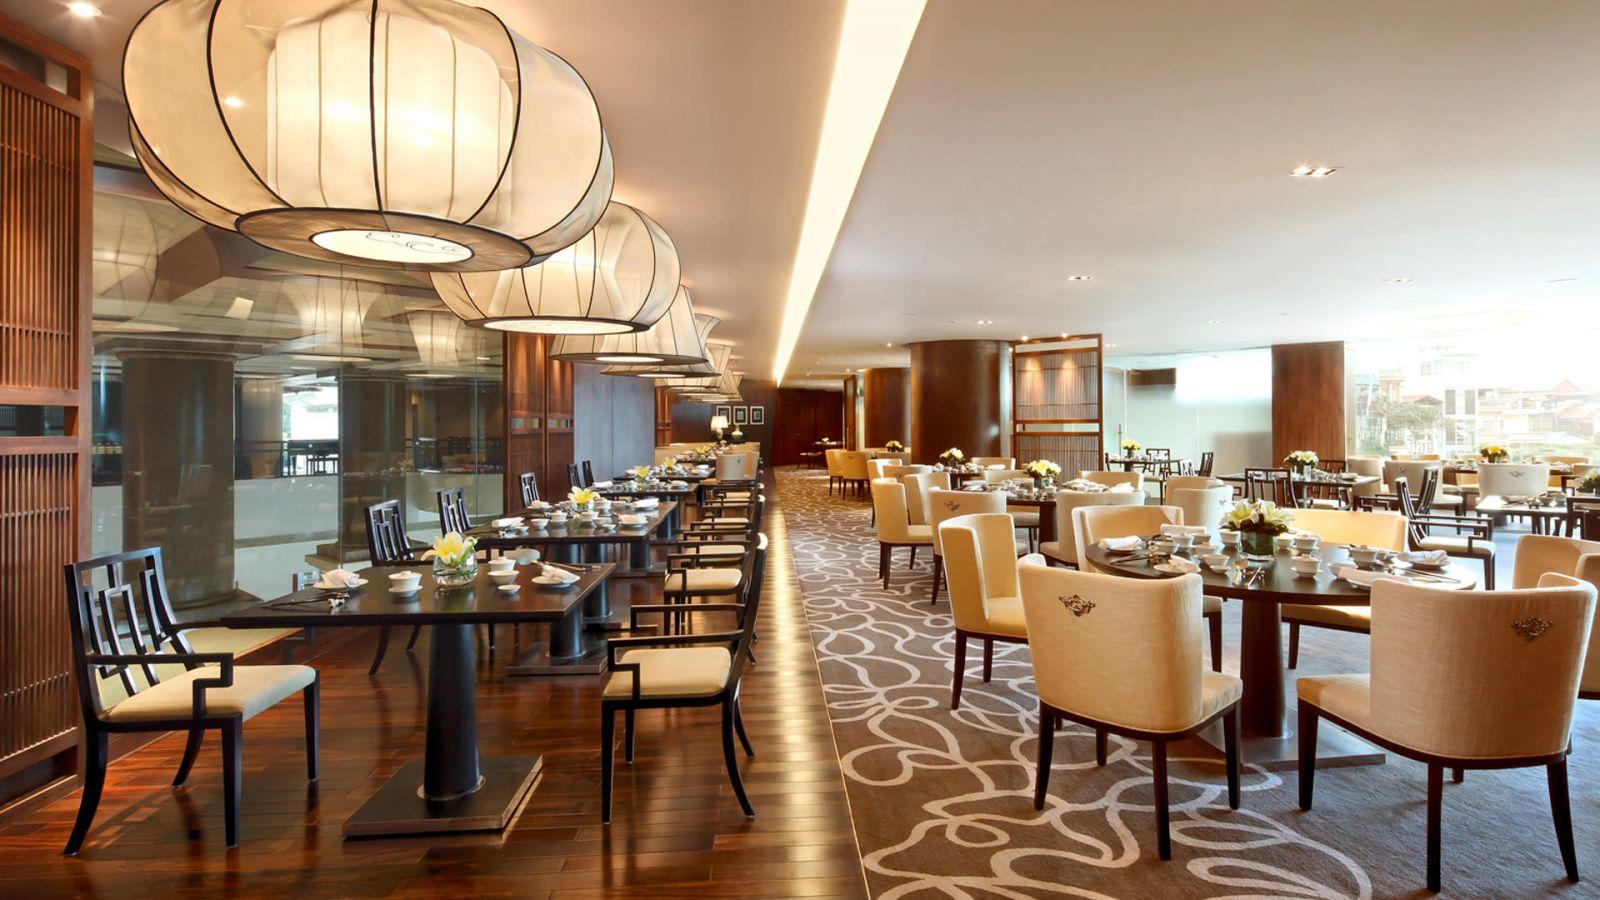 phong cách thiết kế nhà hàng hiện đại